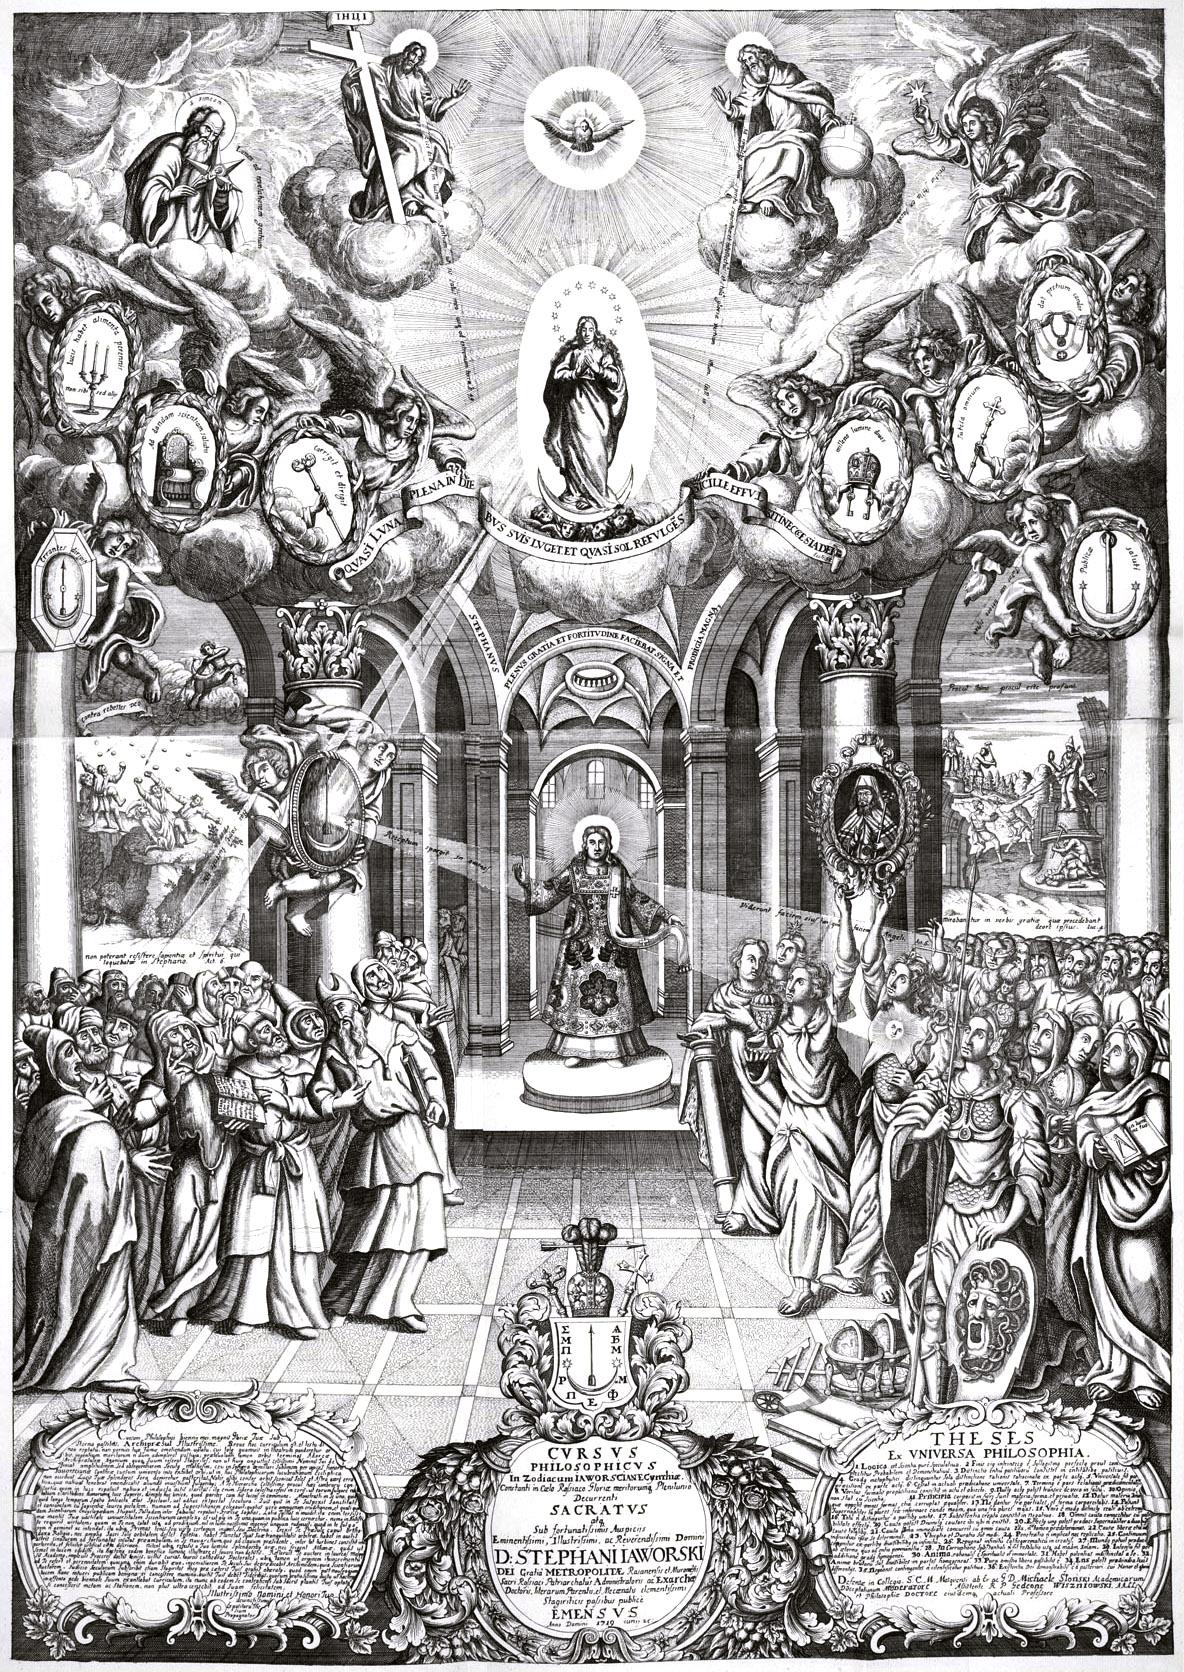 349. Тезис, посвященный Стефану Яворскому, с его портретом и с изображением еретиков, посрамляемых христианскими добродетелями.